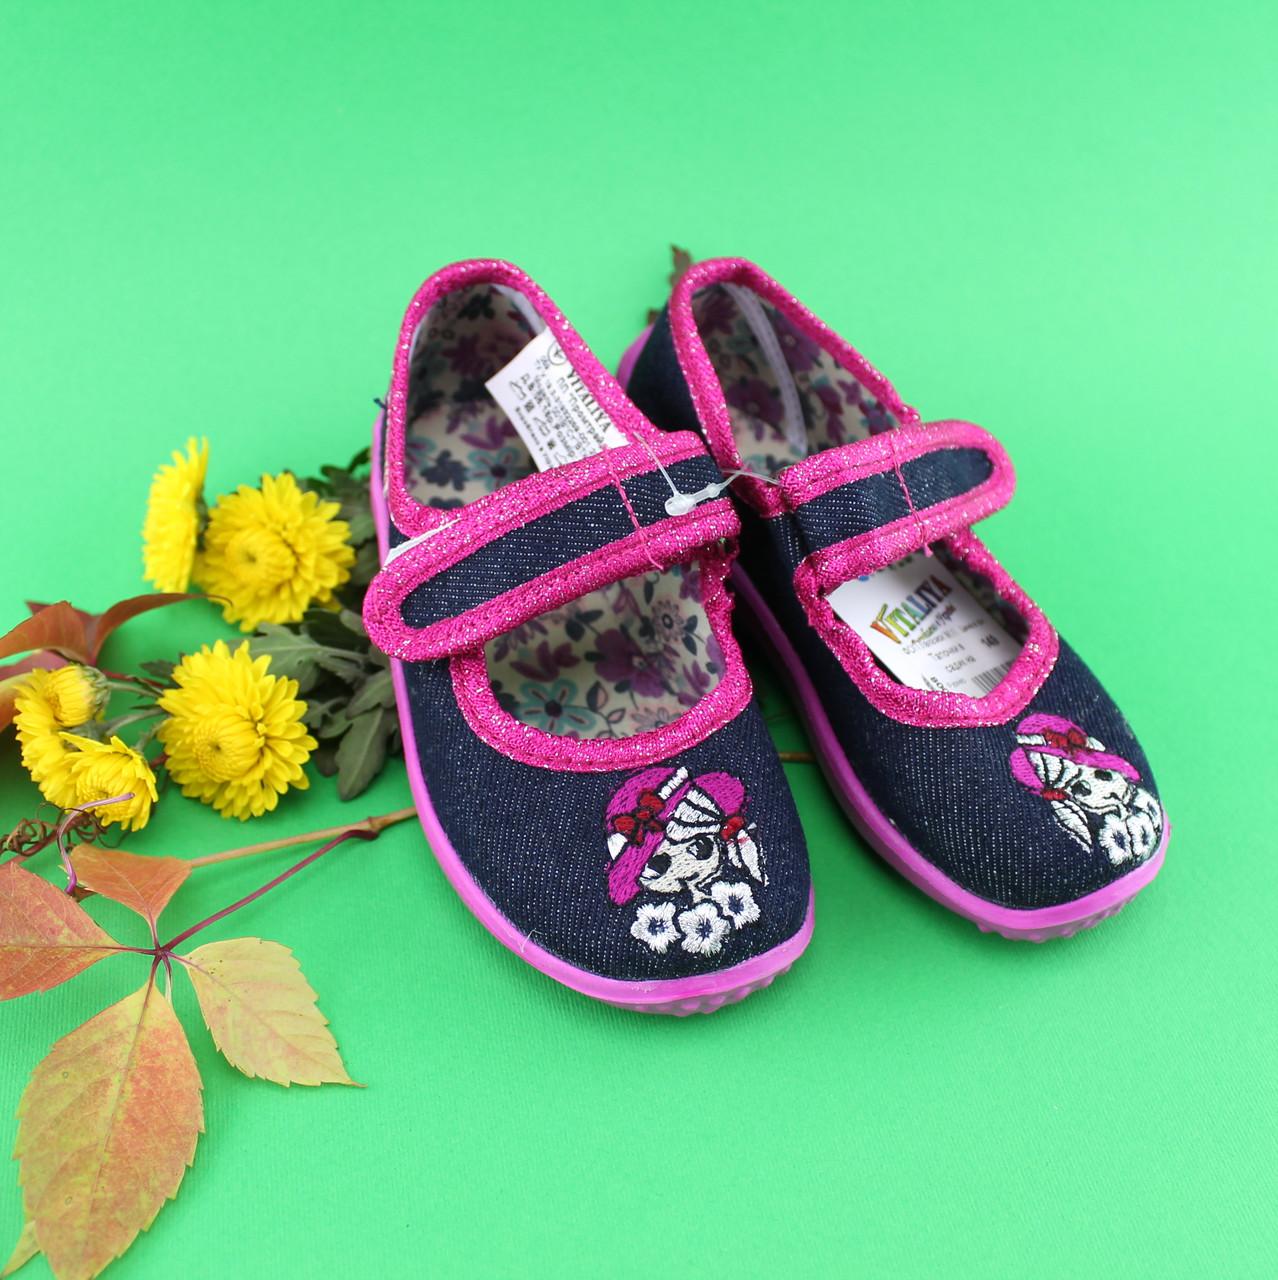 Тапочки для девочки в садик текстильная обувь Vitaliya Виталия Украина, размеры 28,28.5,30,31